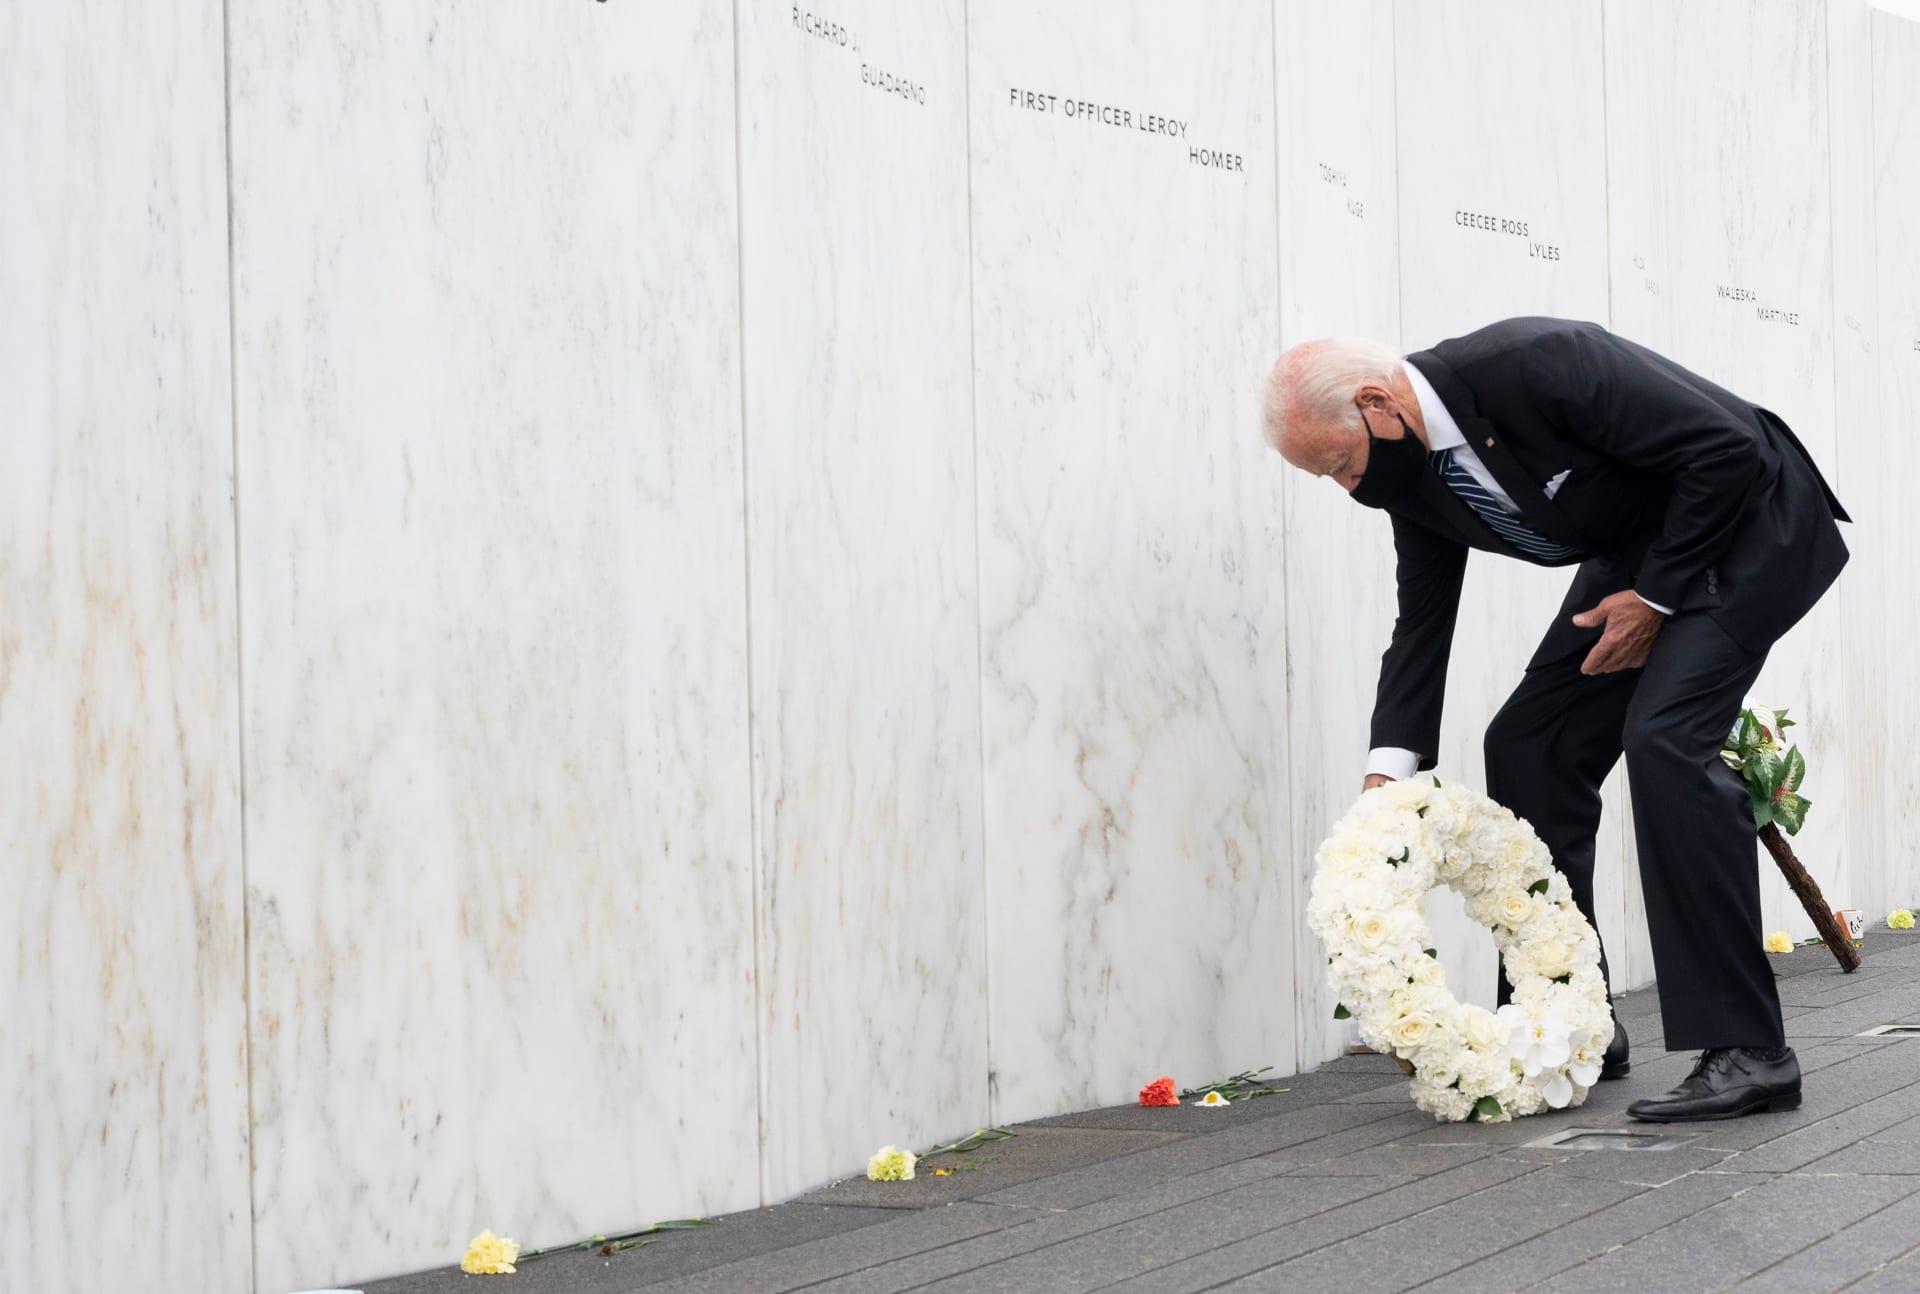 النص الكامل لرسالة عائلات ضحايا 11 سبتمبر إلى بايدن حول الوثائق السرية والسعودية